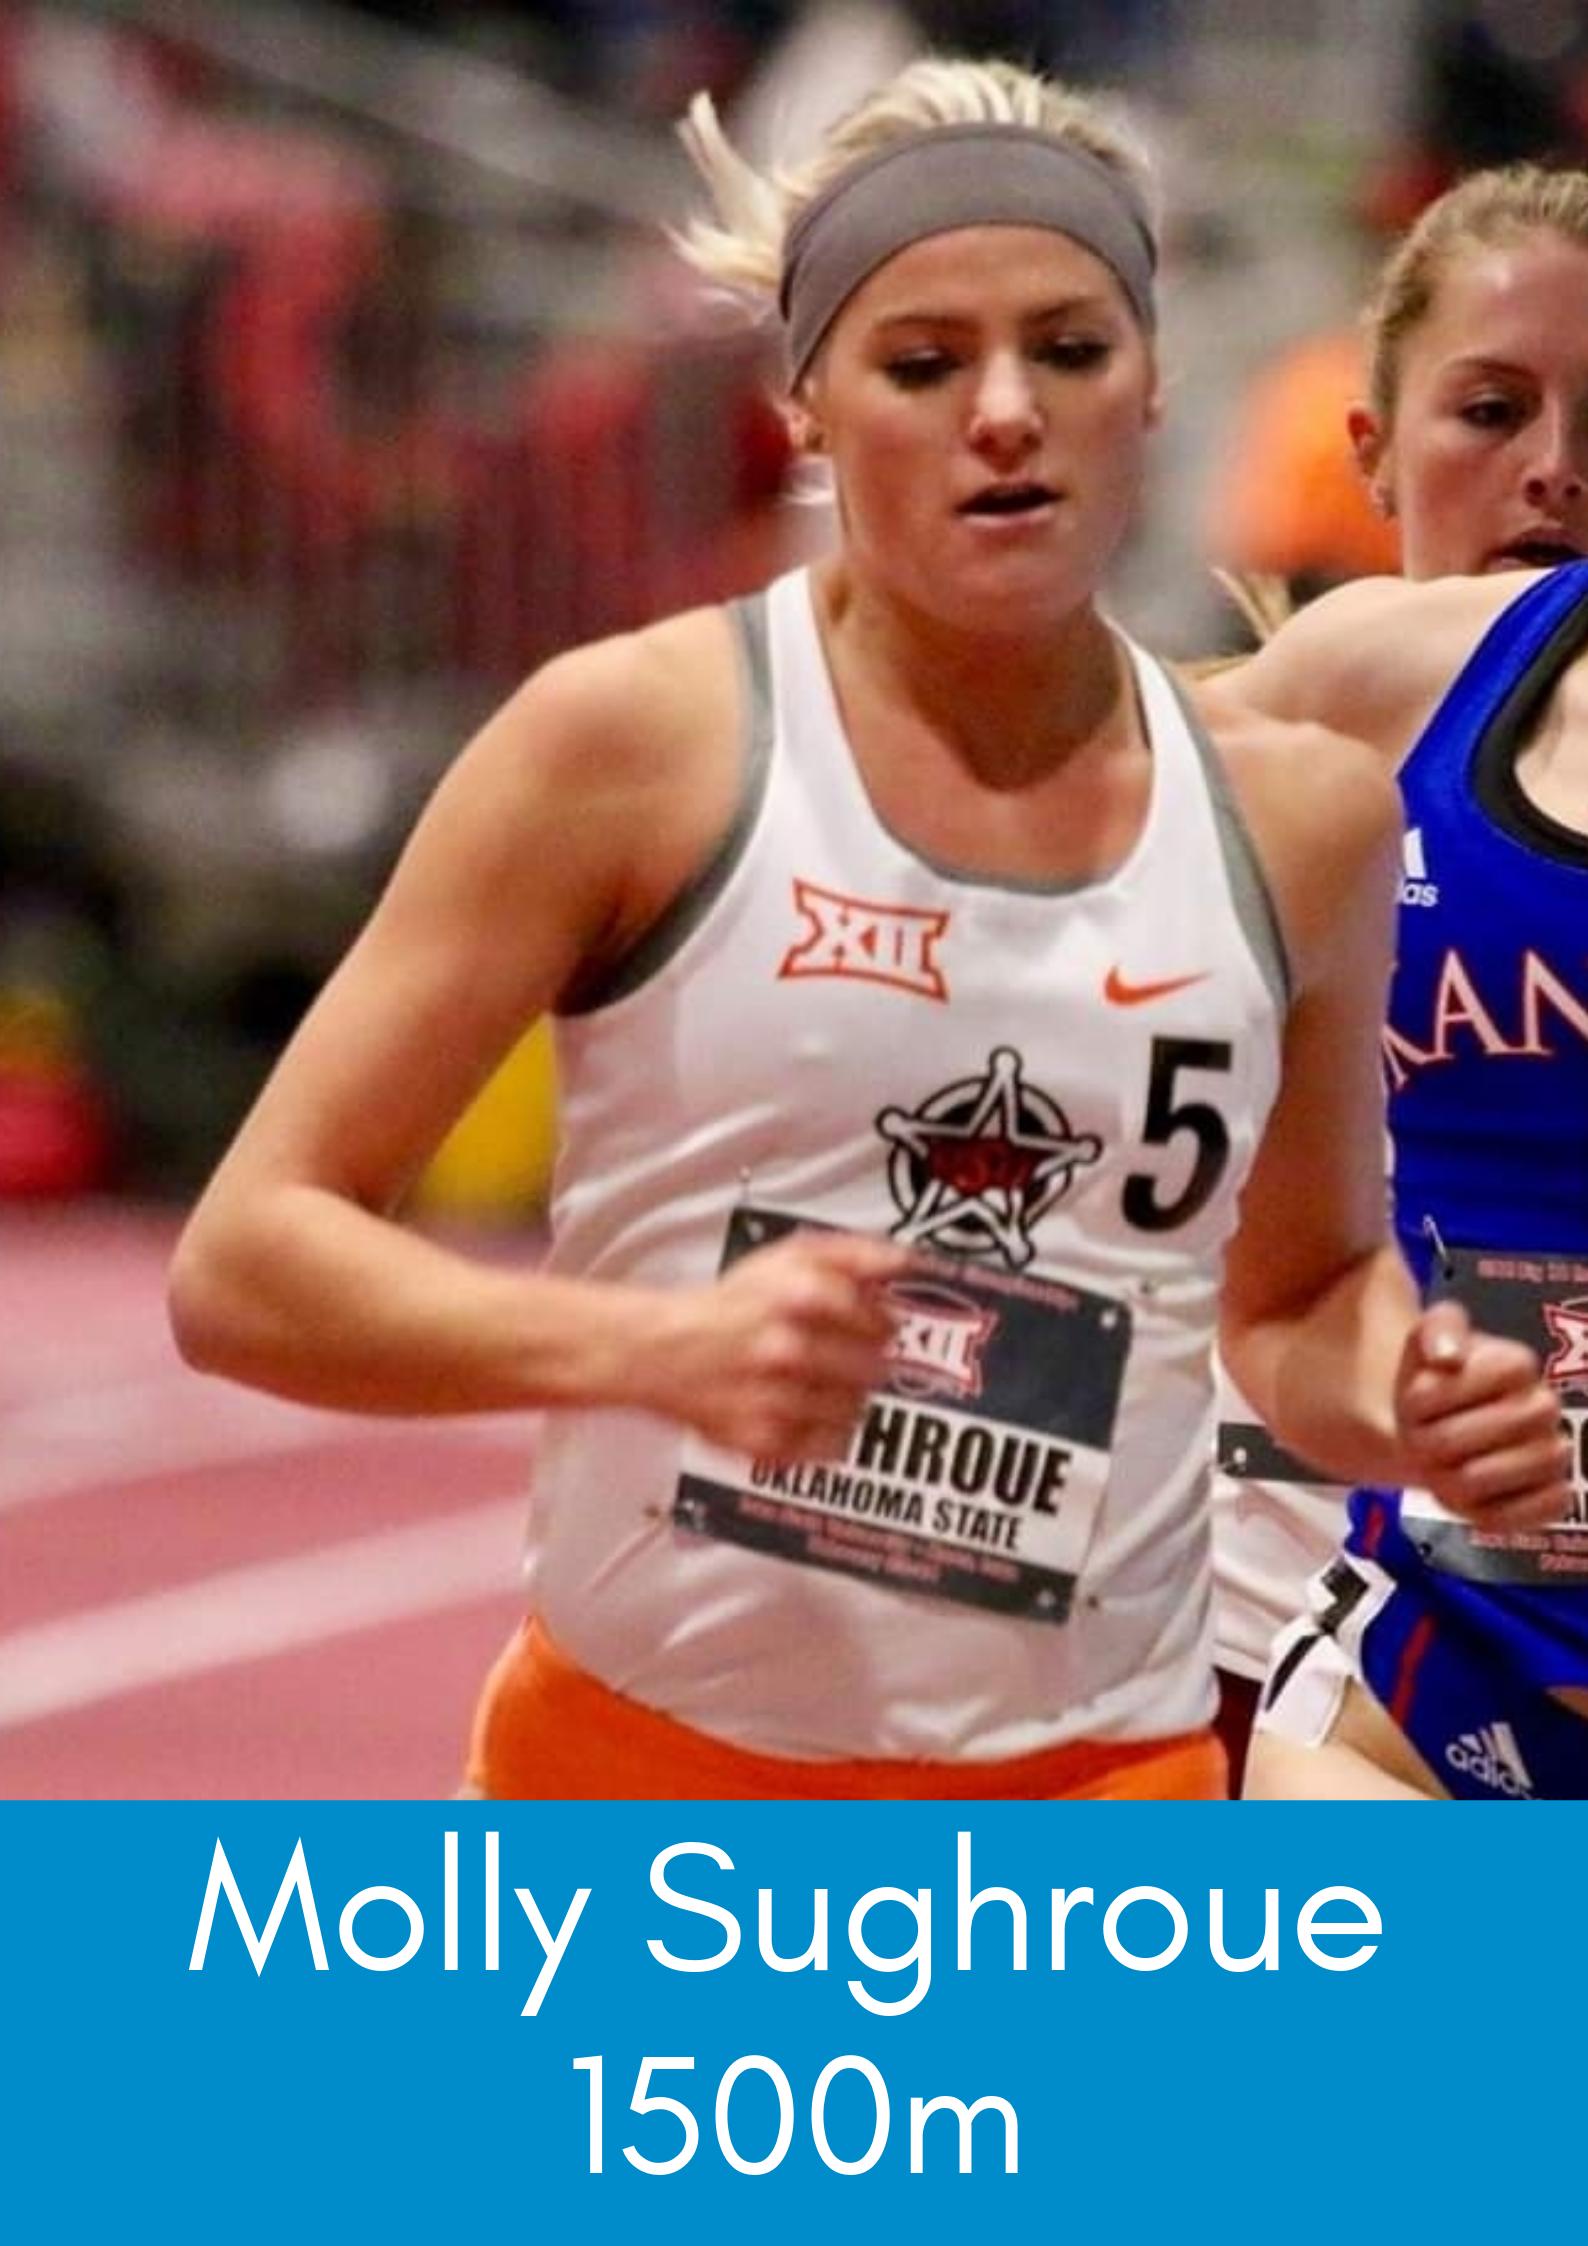 Molly Sughroue